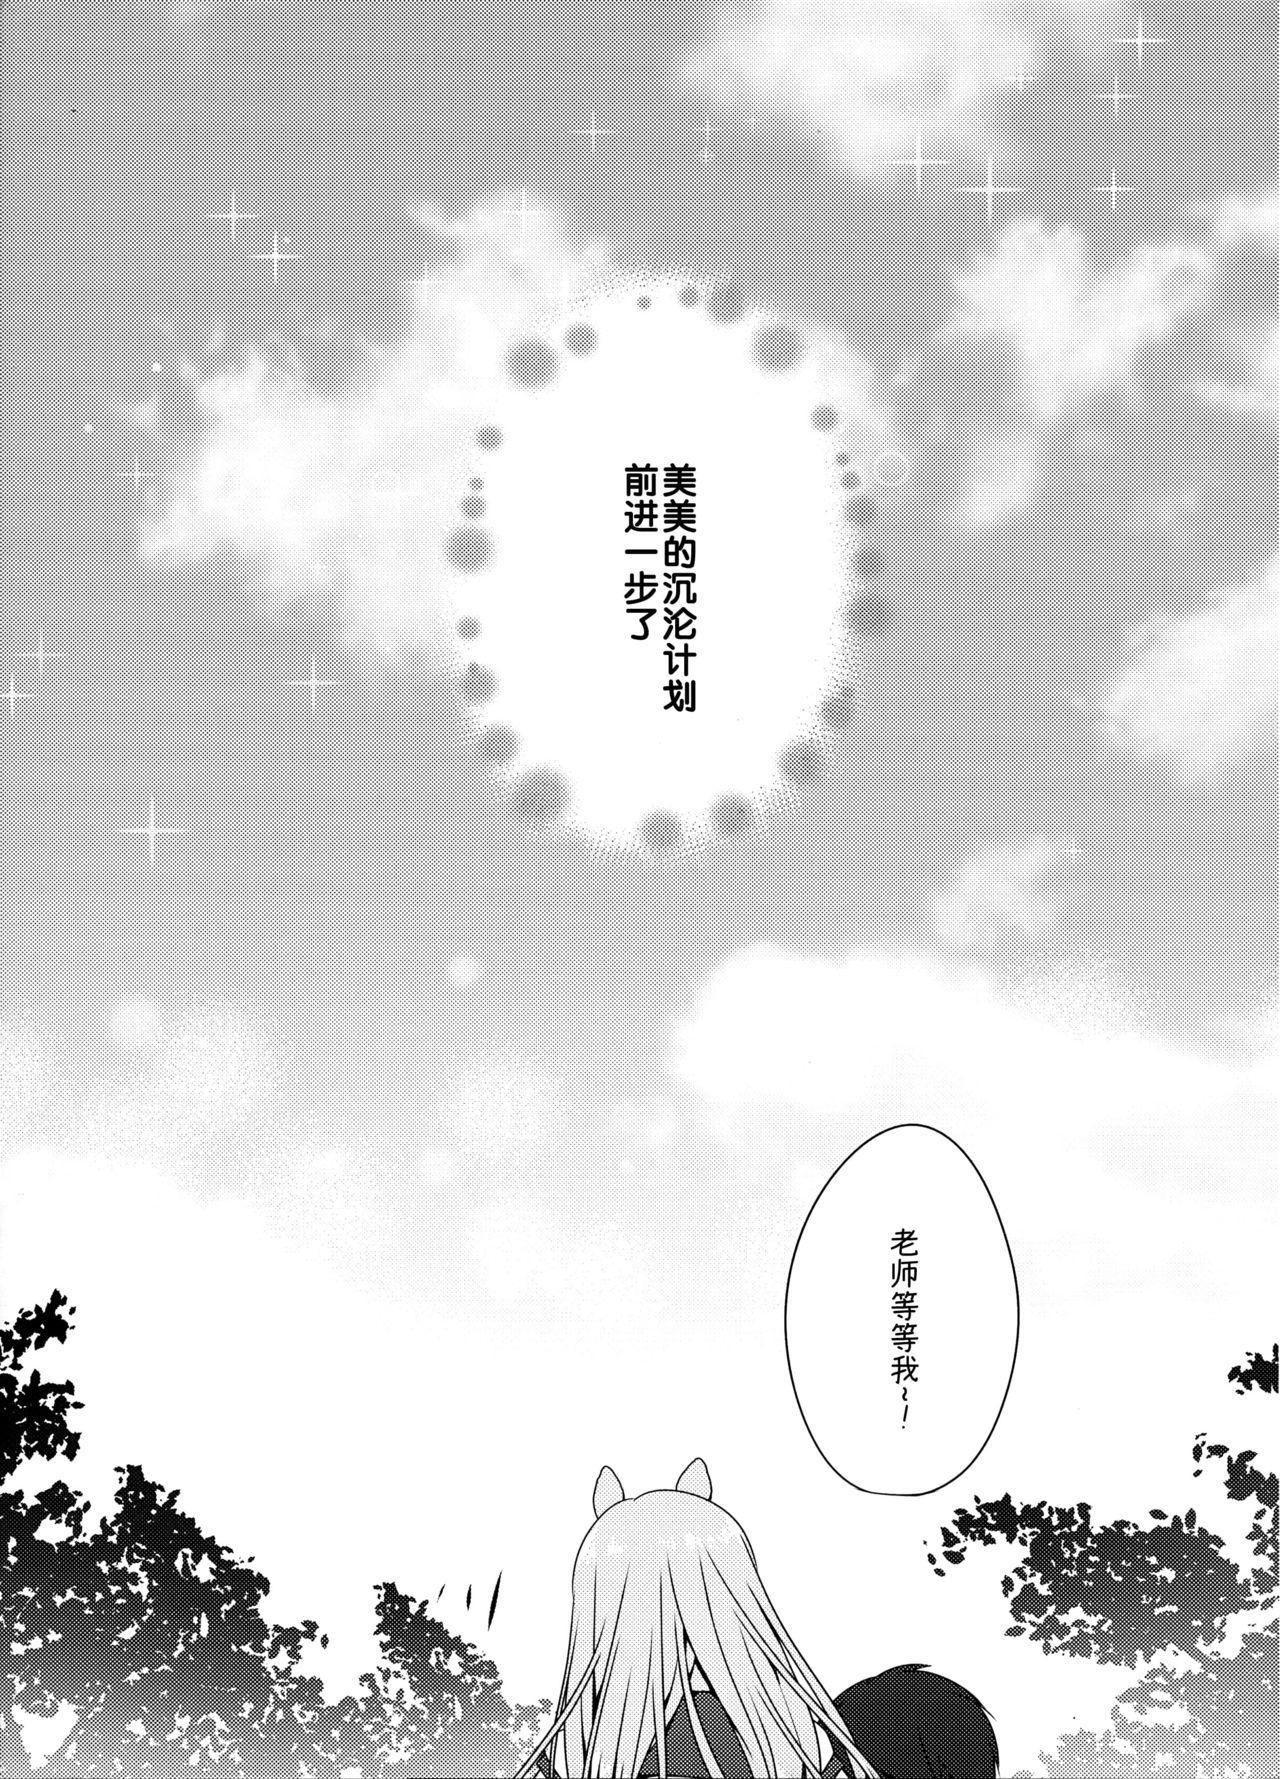 Mimi-chan no Mero x2 Keikaku 18